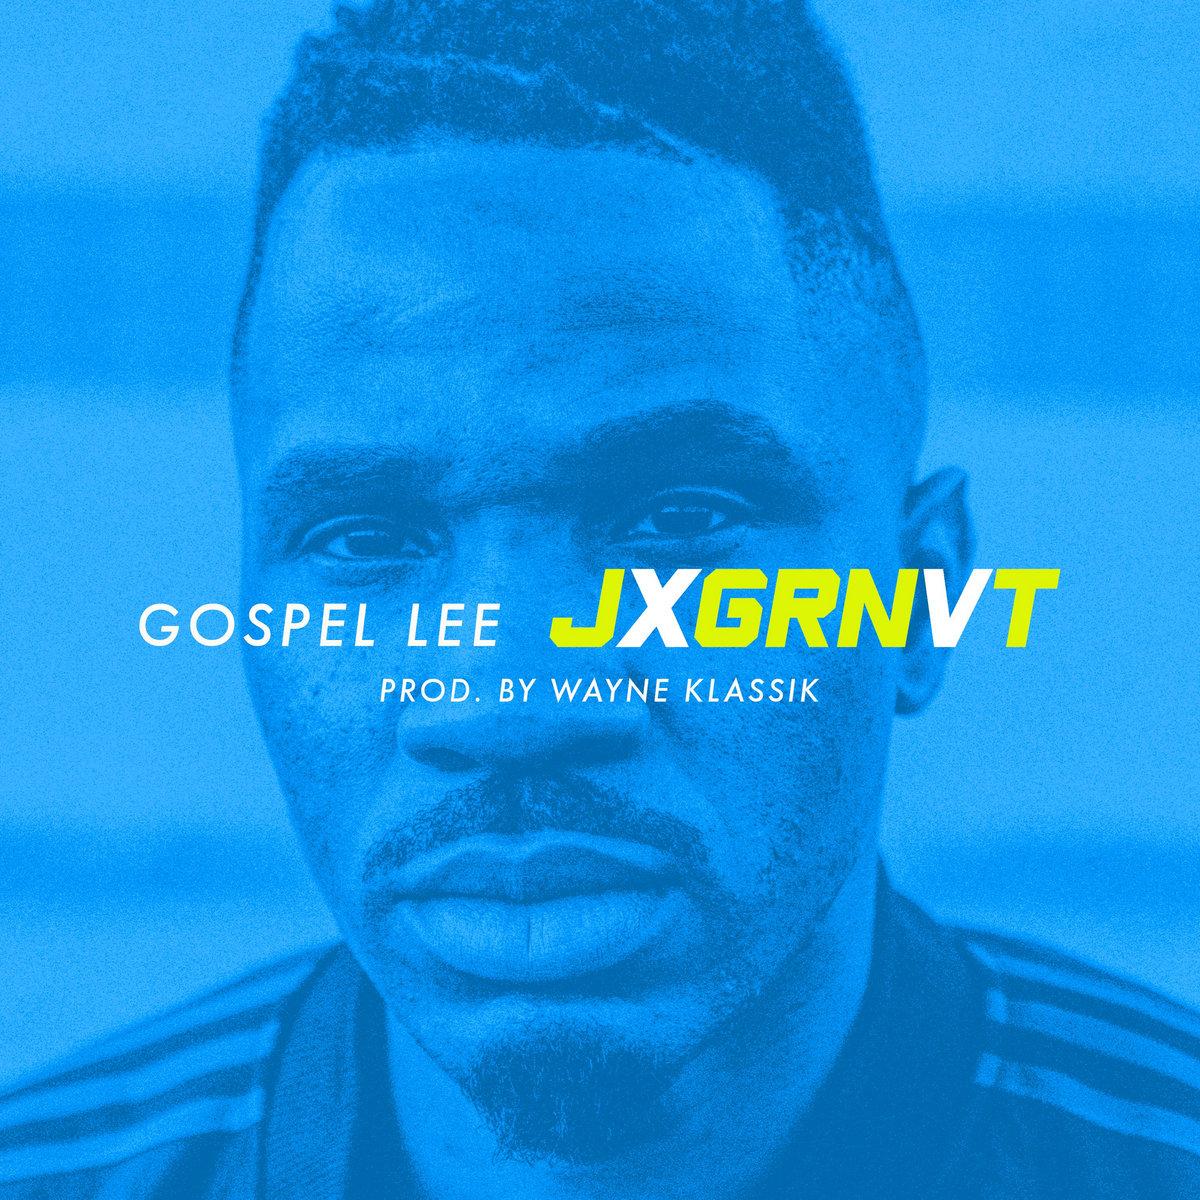 JXGRNVT by gospel lee